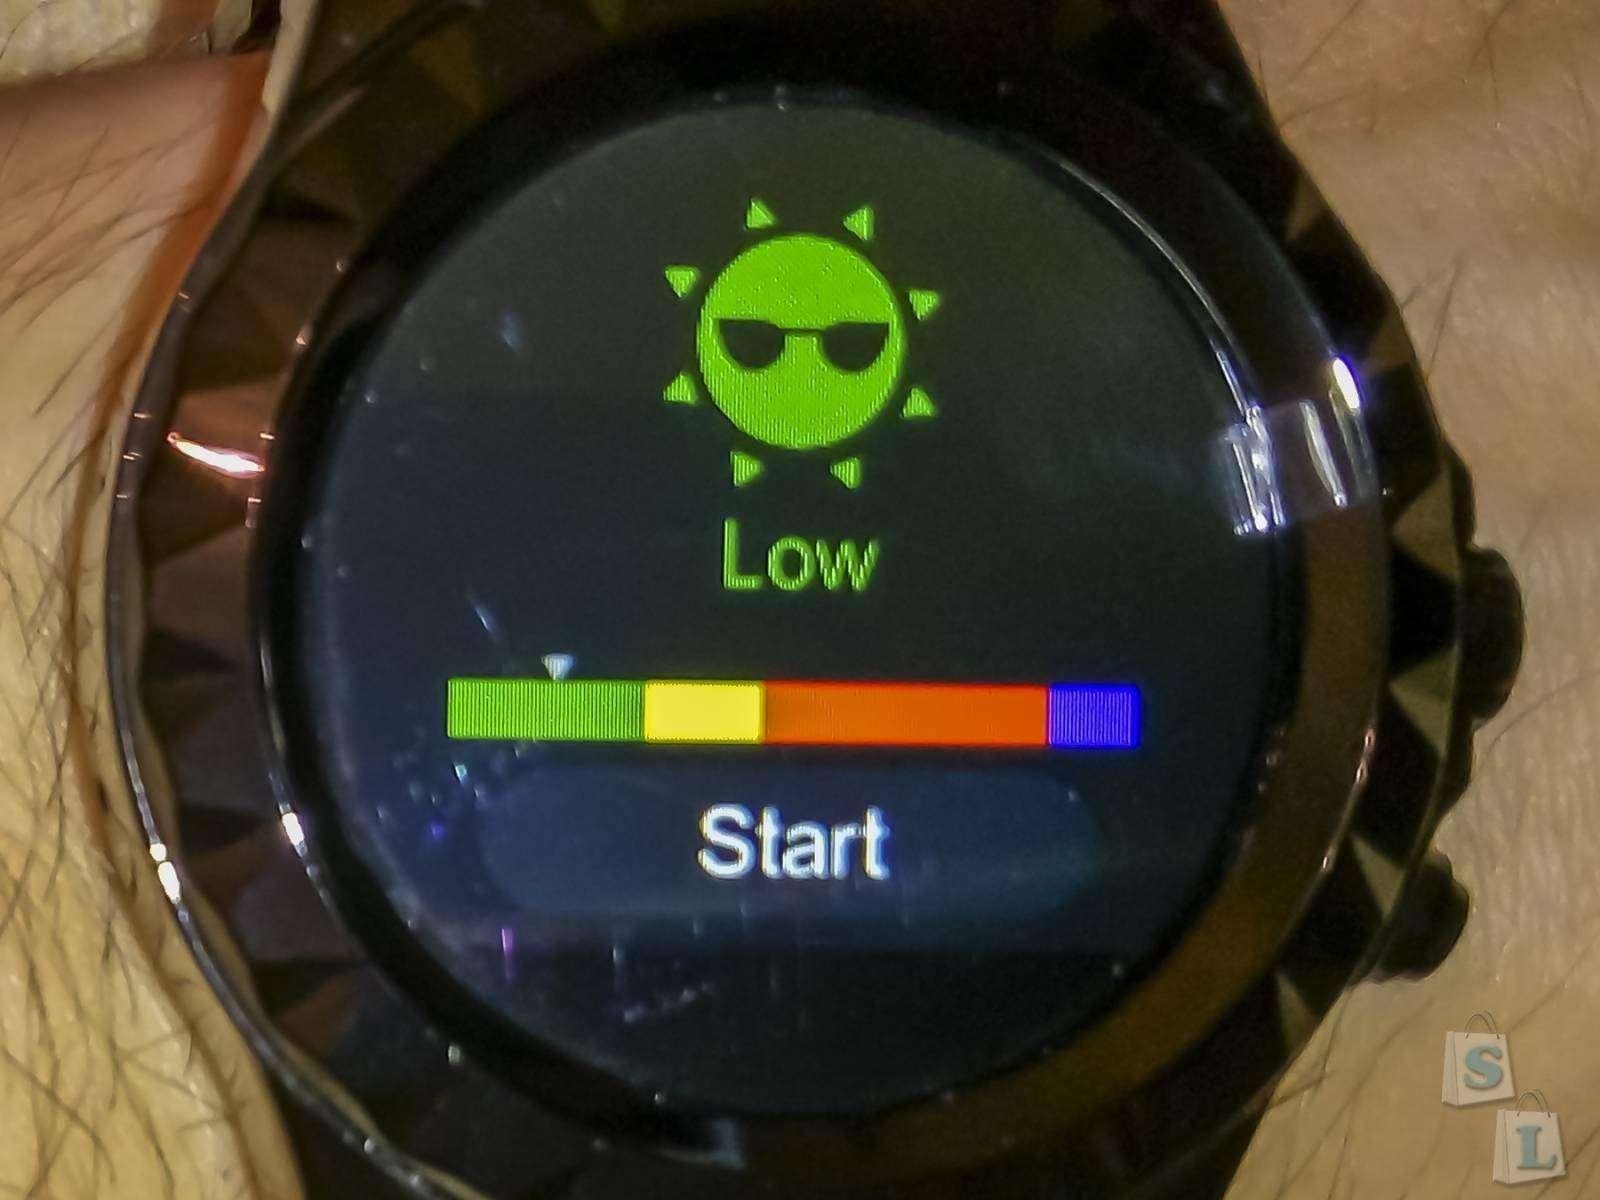 GearBest: Смартчасы No.1 Sun S2 обзор и впечатления